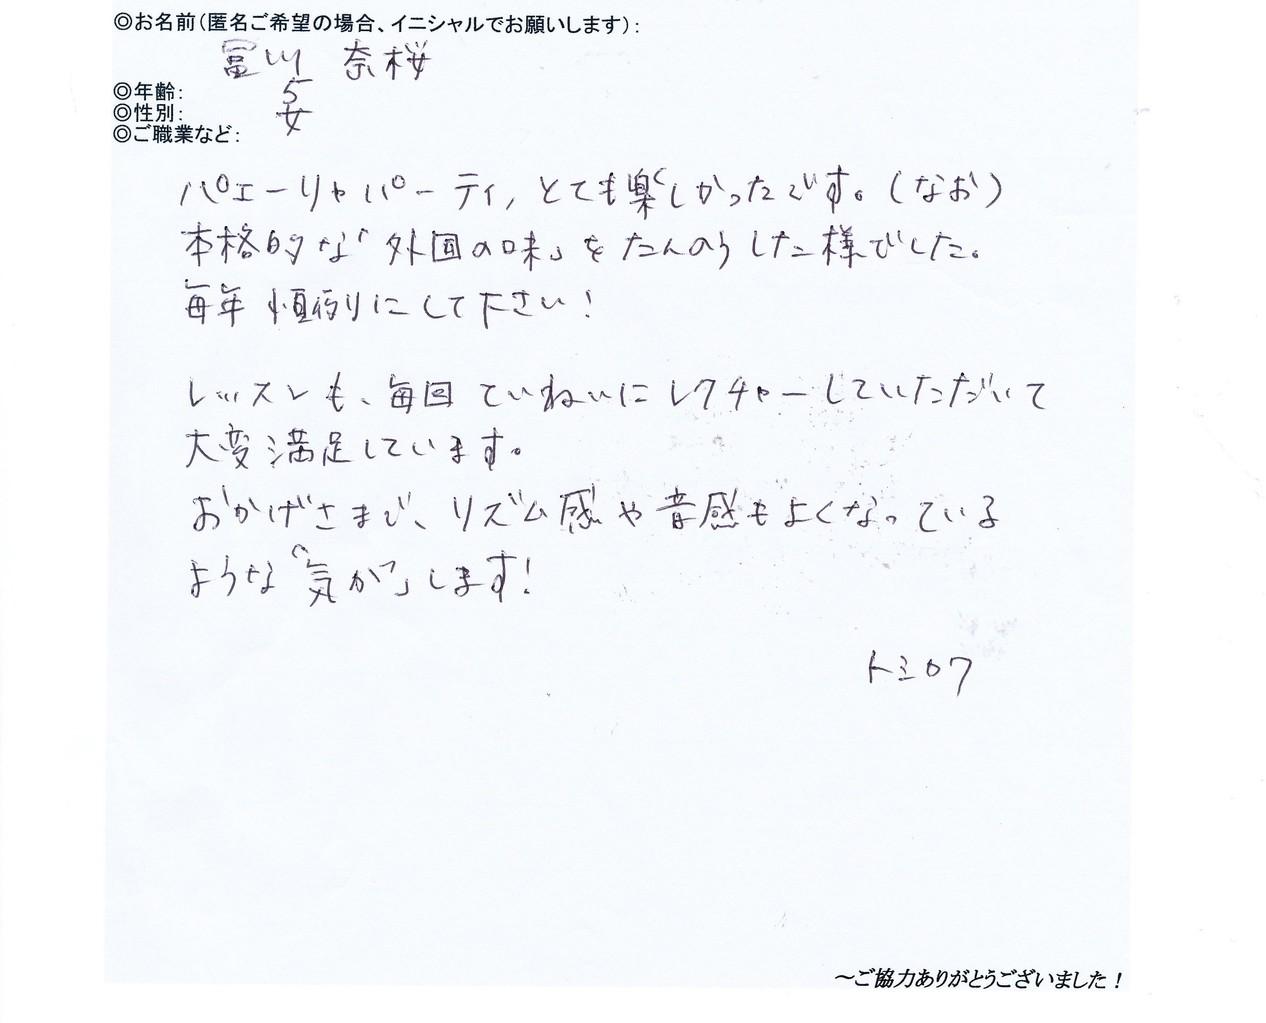 冨川奈桜ちゃん/お母様のコメント